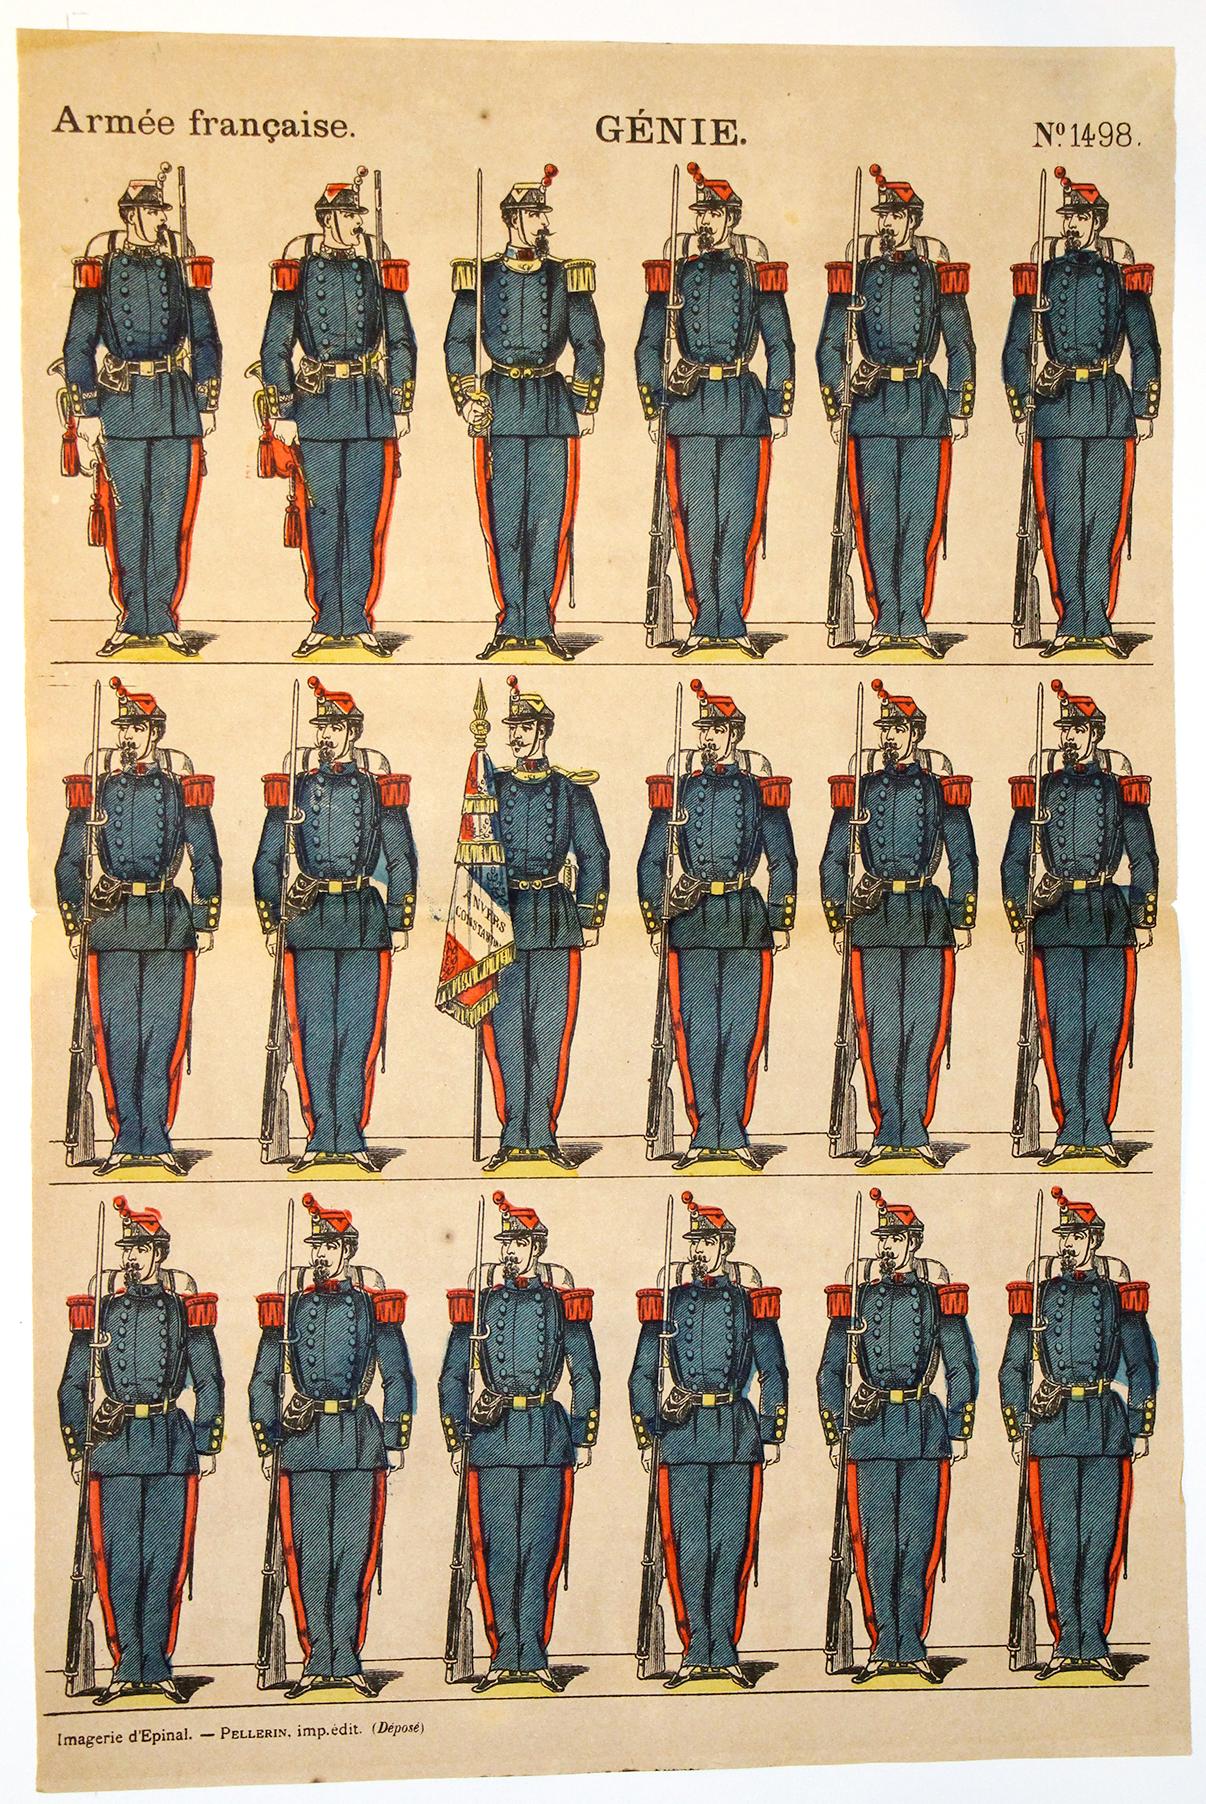 Planche imagerie Epinal - Pellerin Editeur - N°1498 - Génie - Armée Française